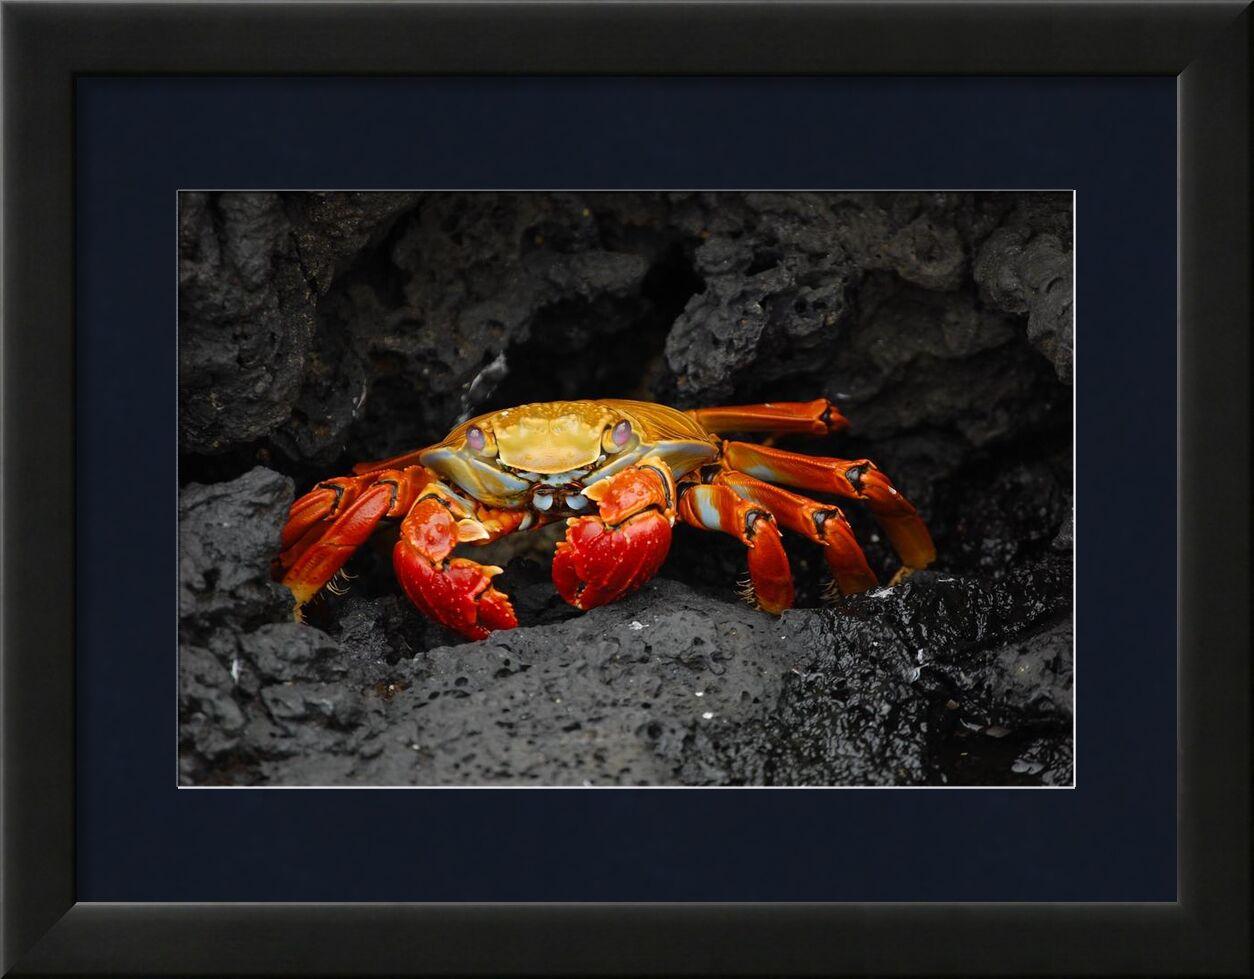 سلطعون from Aliss ART, Prodi Art, shellfish, red rock crab, grapsus grapsus, crustacean, crab, rocks, creature, animal